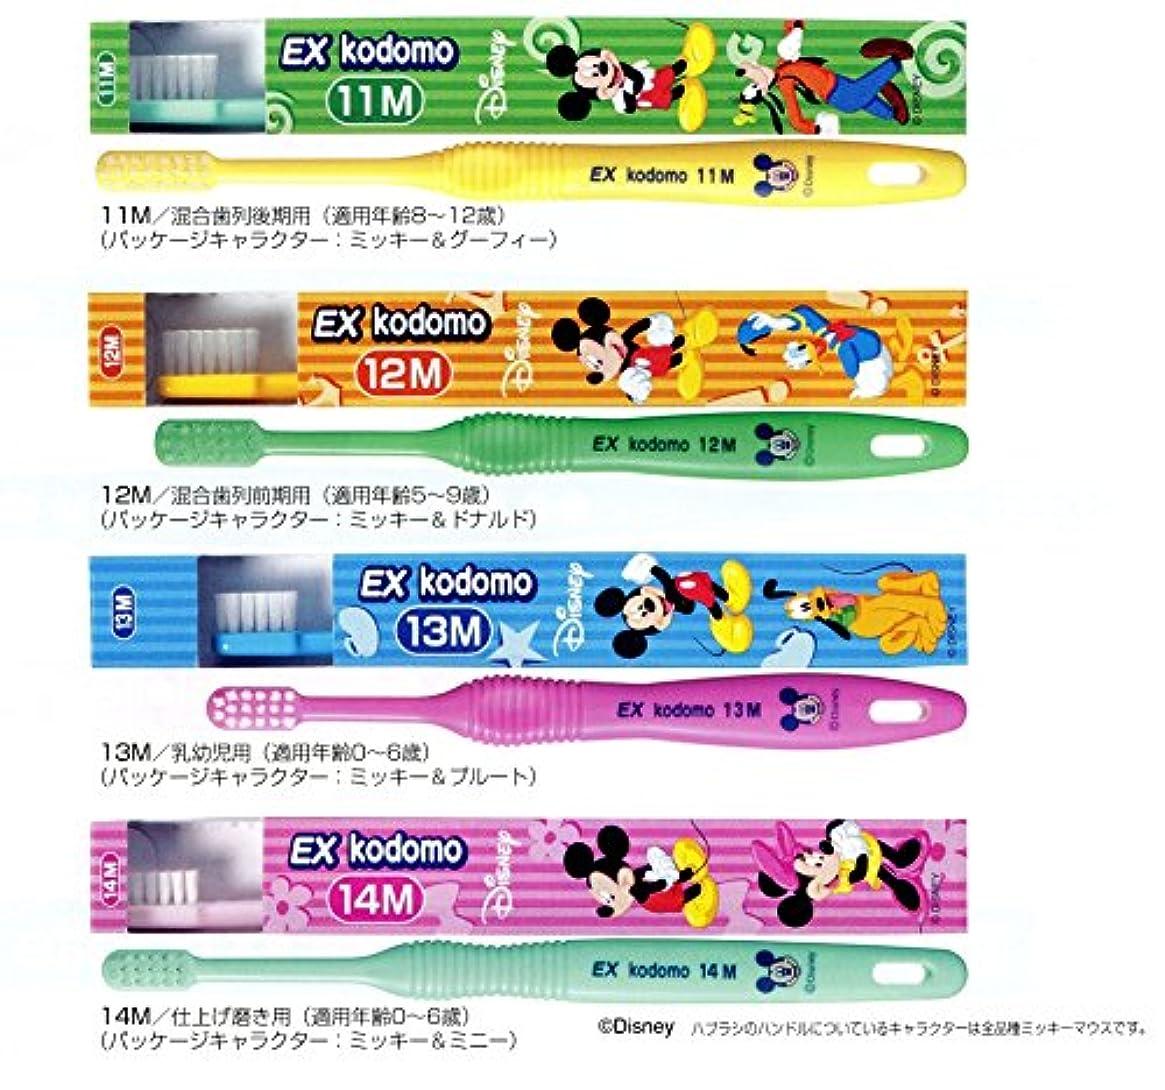 スティックドル初期ライオン コドモ ディズニー DENT.EX kodomo Disney 1本 11M ピンク (8?12歳)